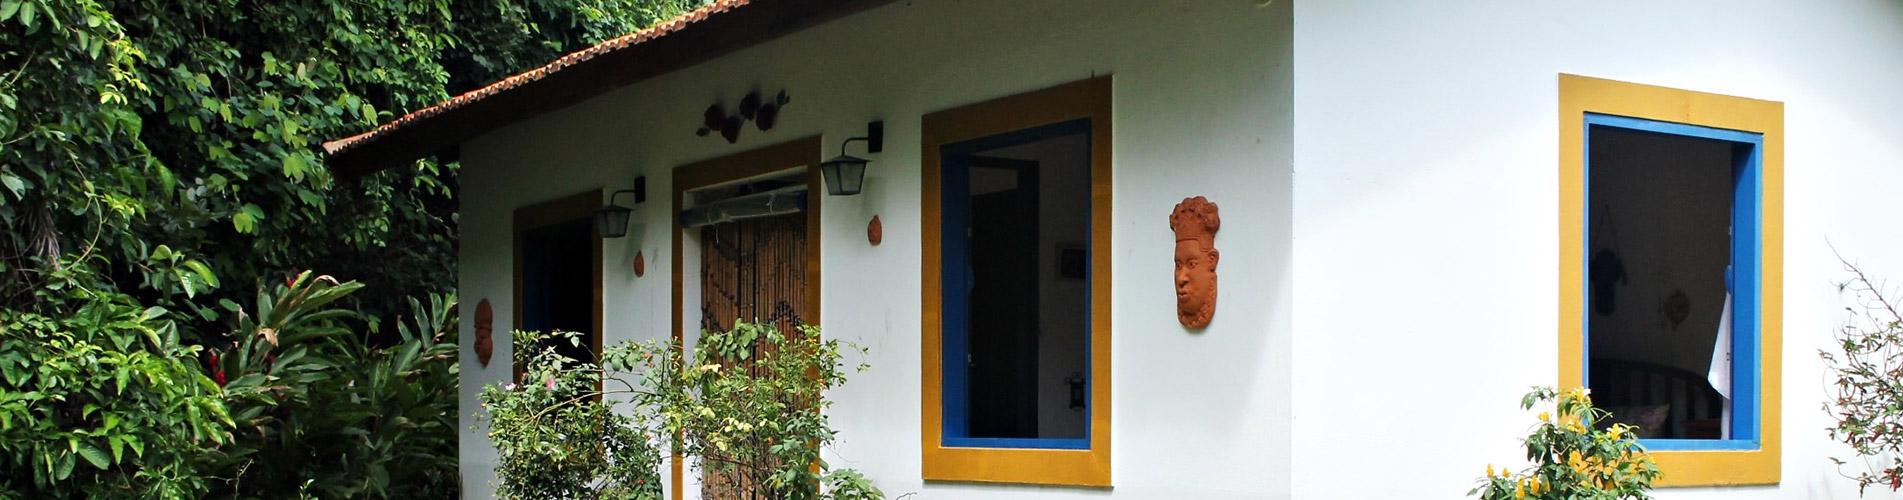 Comment calculer le prix au m2 d'une maison ?